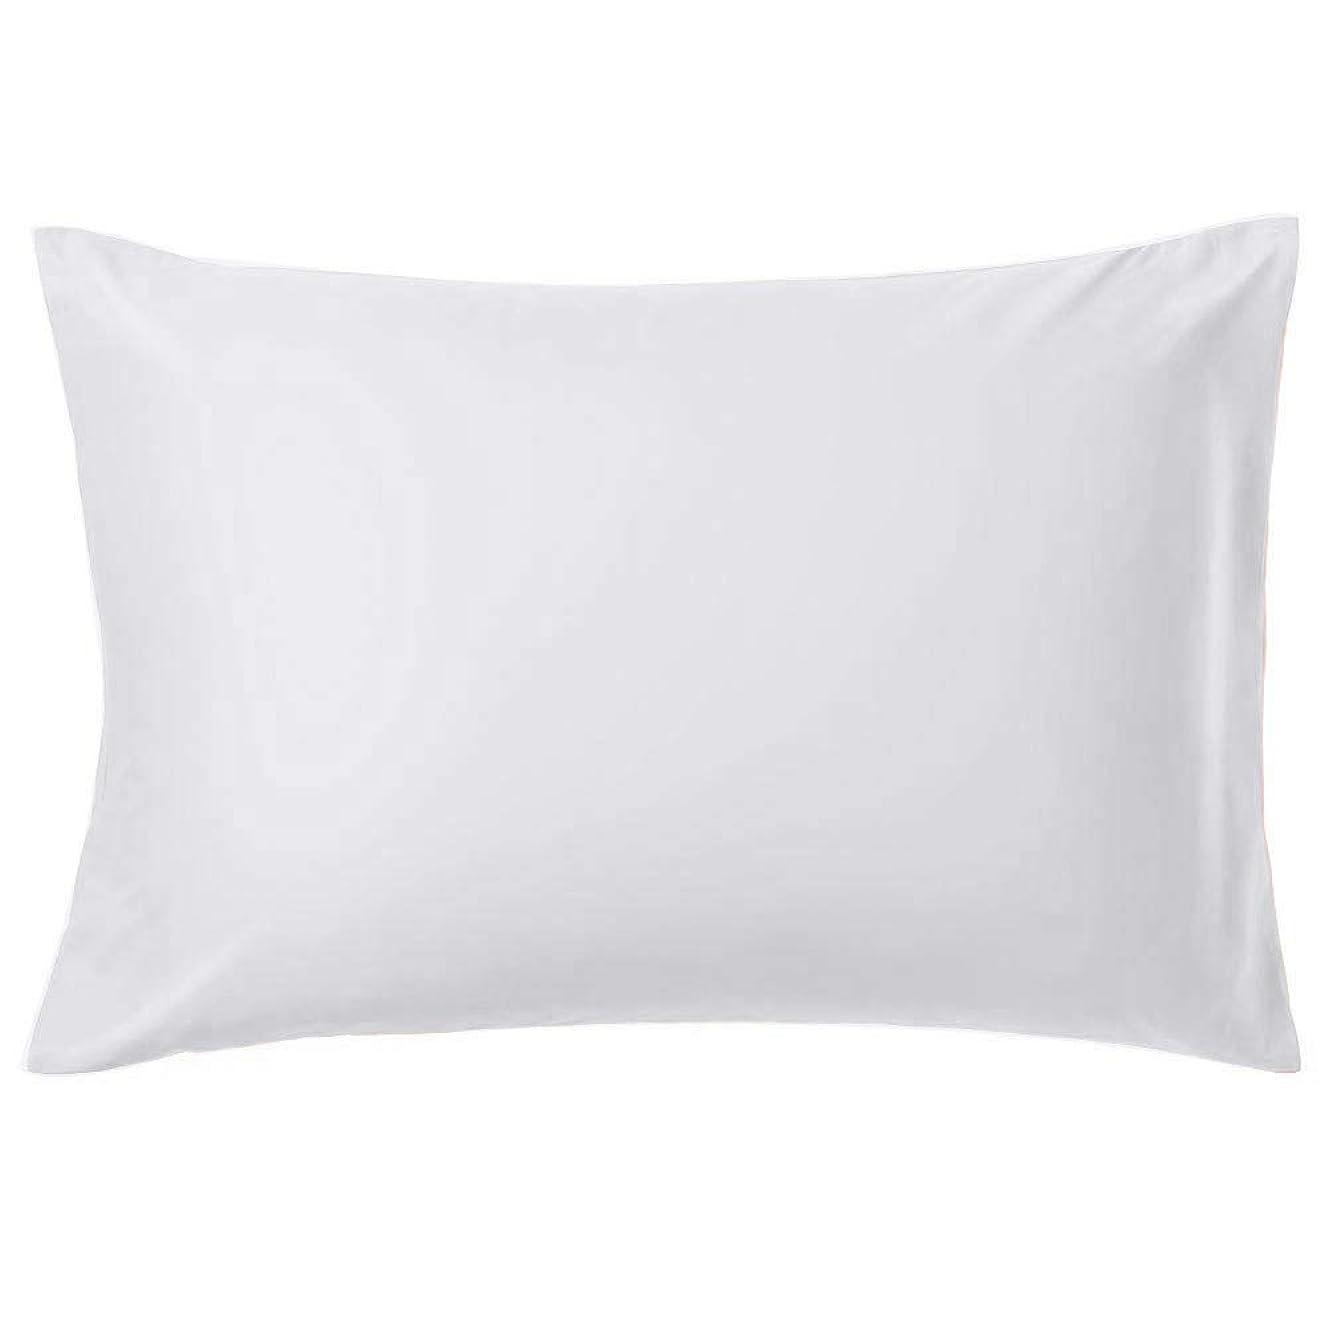 裏切る酔う下位AYO 枕カバー 高級棉100% 全サイズピローケース ホテル品質 13色選べる サテン織 300本高密度 防ダニ 抗菌 防臭 43x63cmサイズの枕に対応